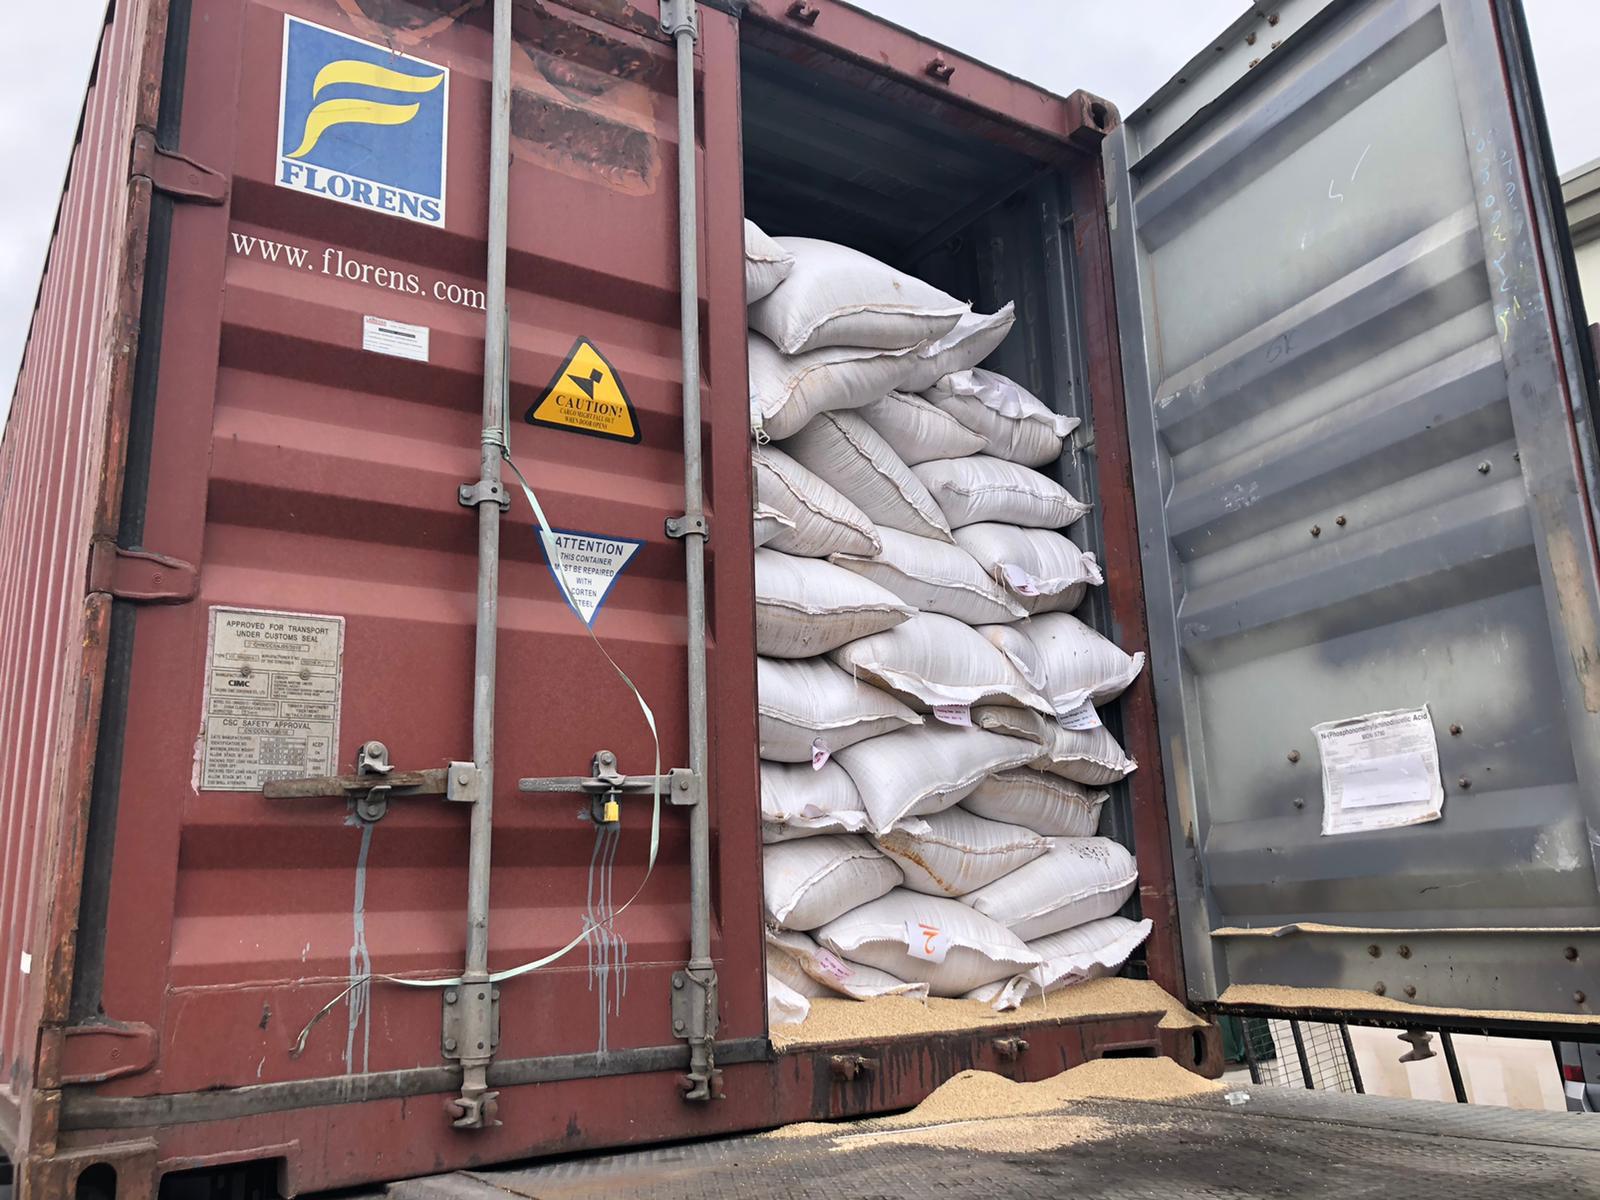 Susam - Üretici Mebco Gida 14 tl fiyat ile 19.000 kilogram susam  satmak istiyor